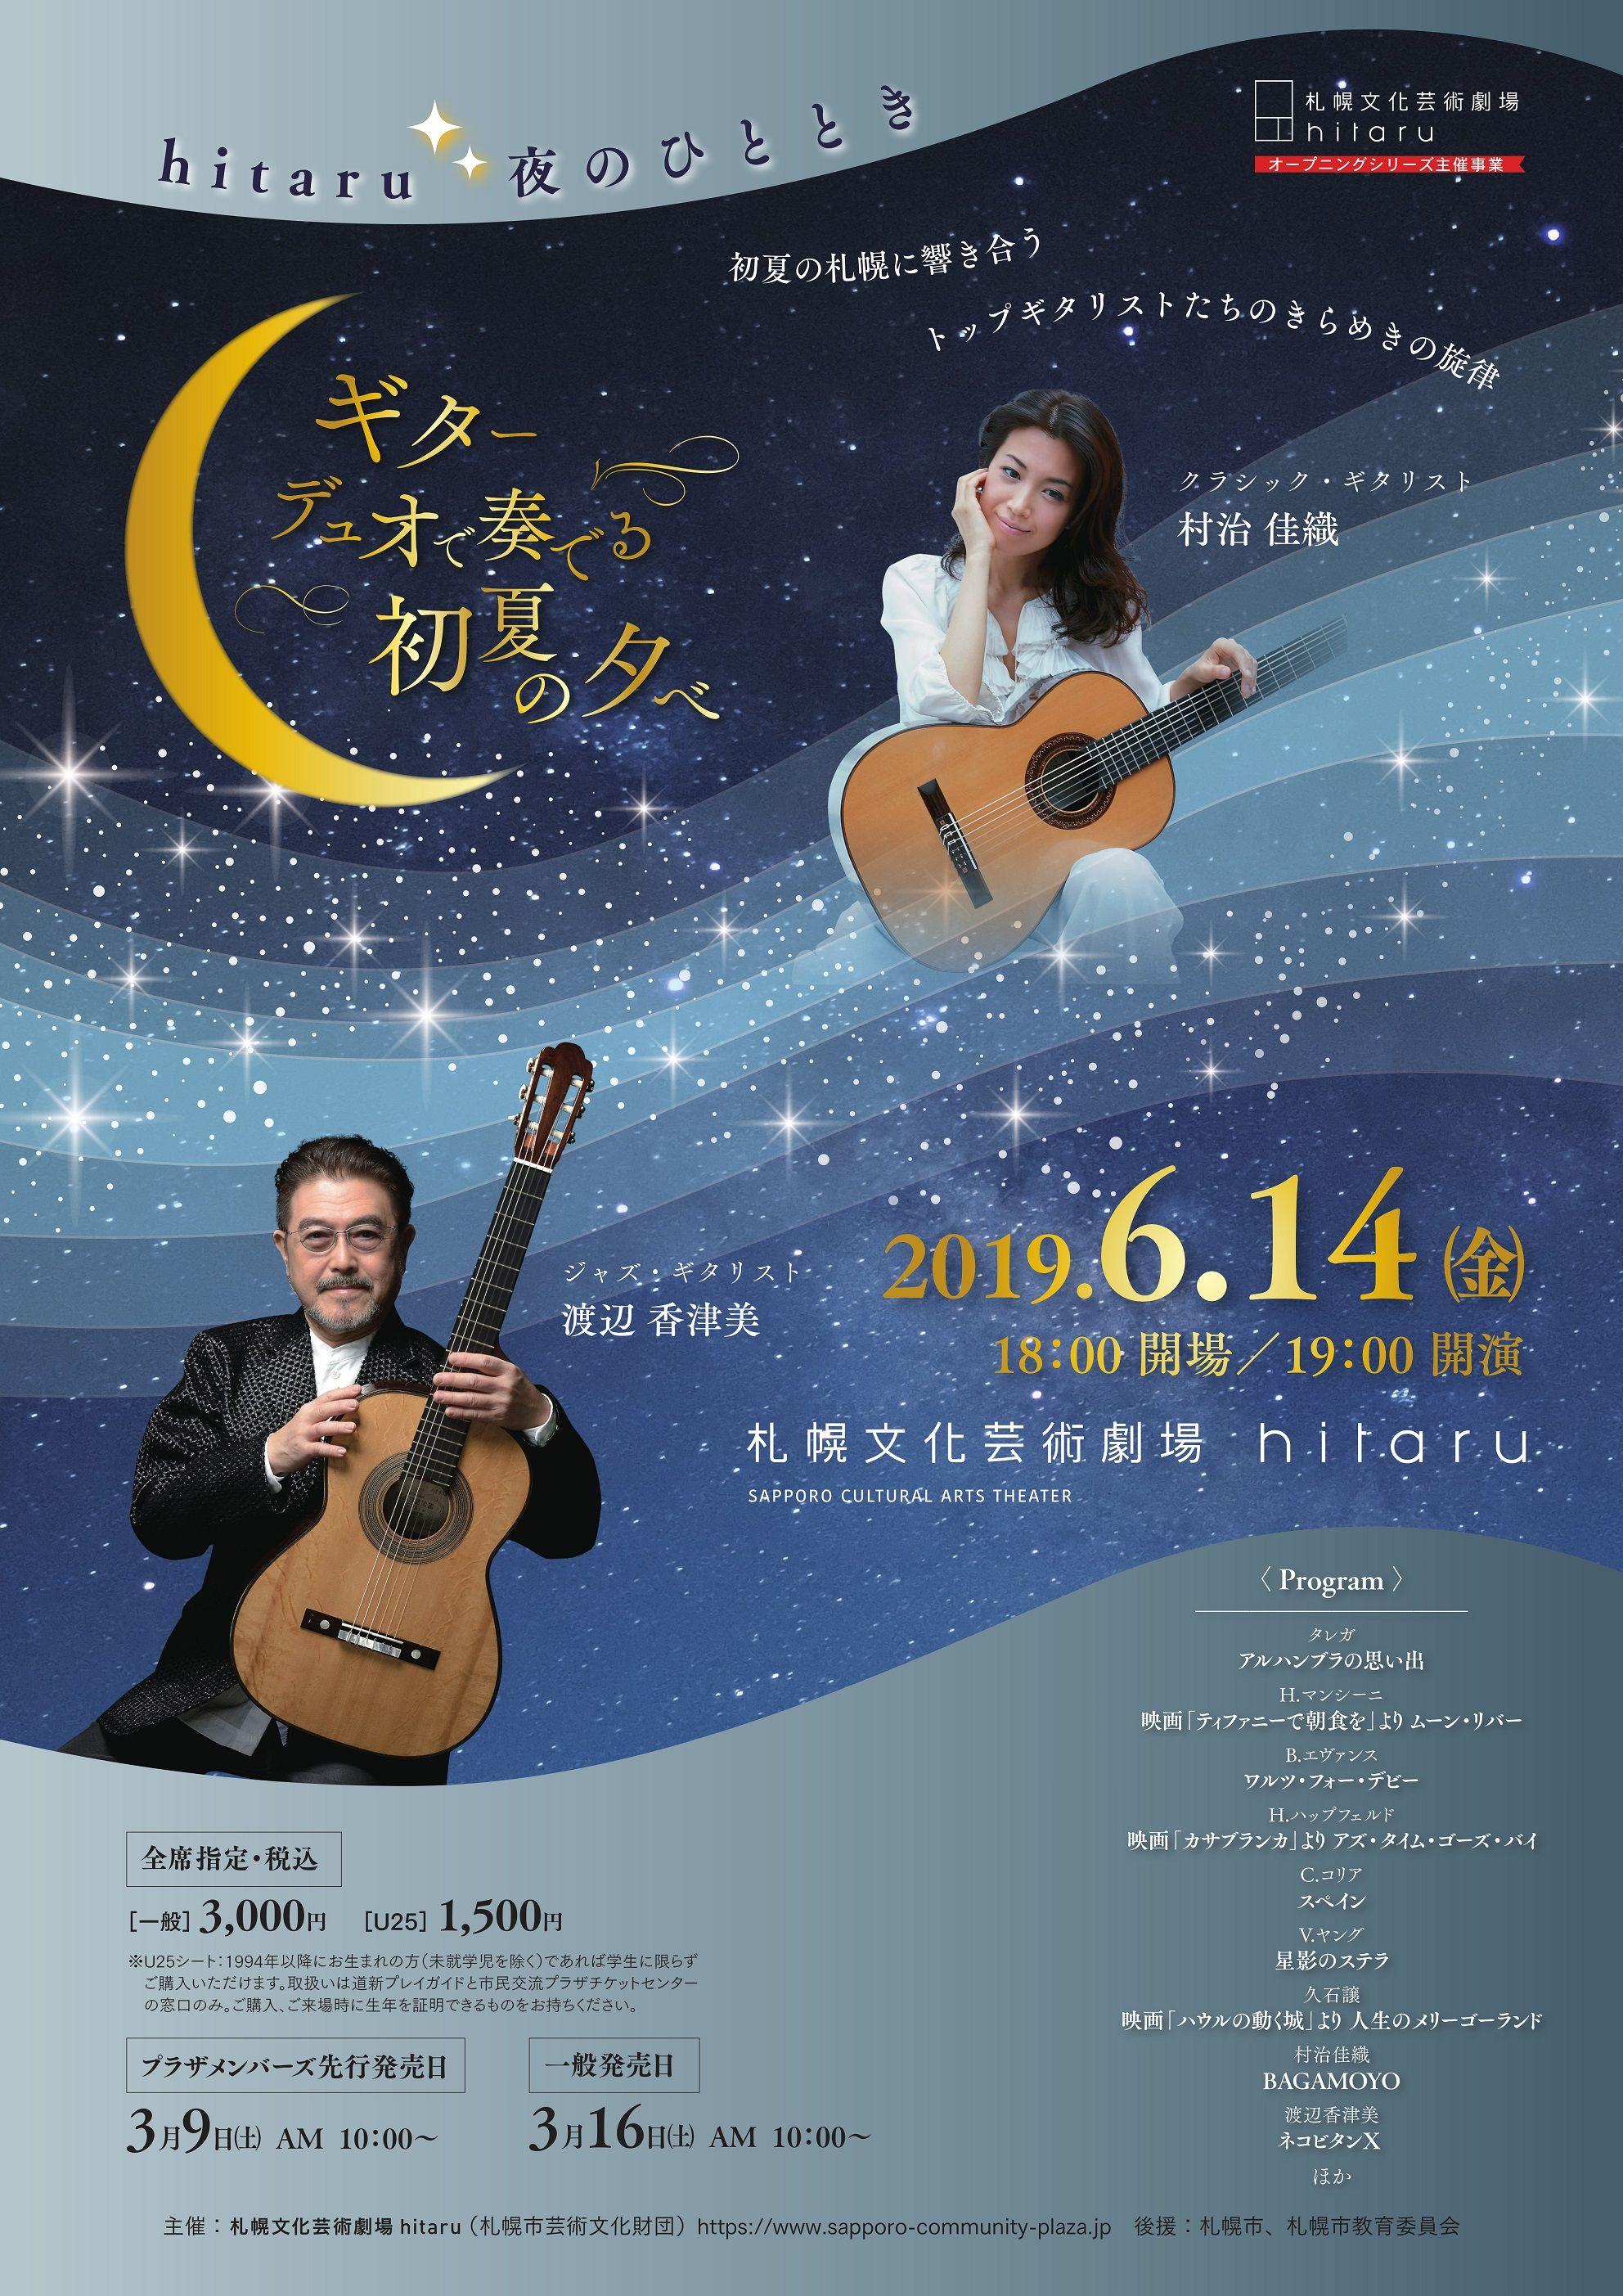 hitaru 夜のひととき~ギターデュオで奏でる初夏の夕べ~ イメージ画像